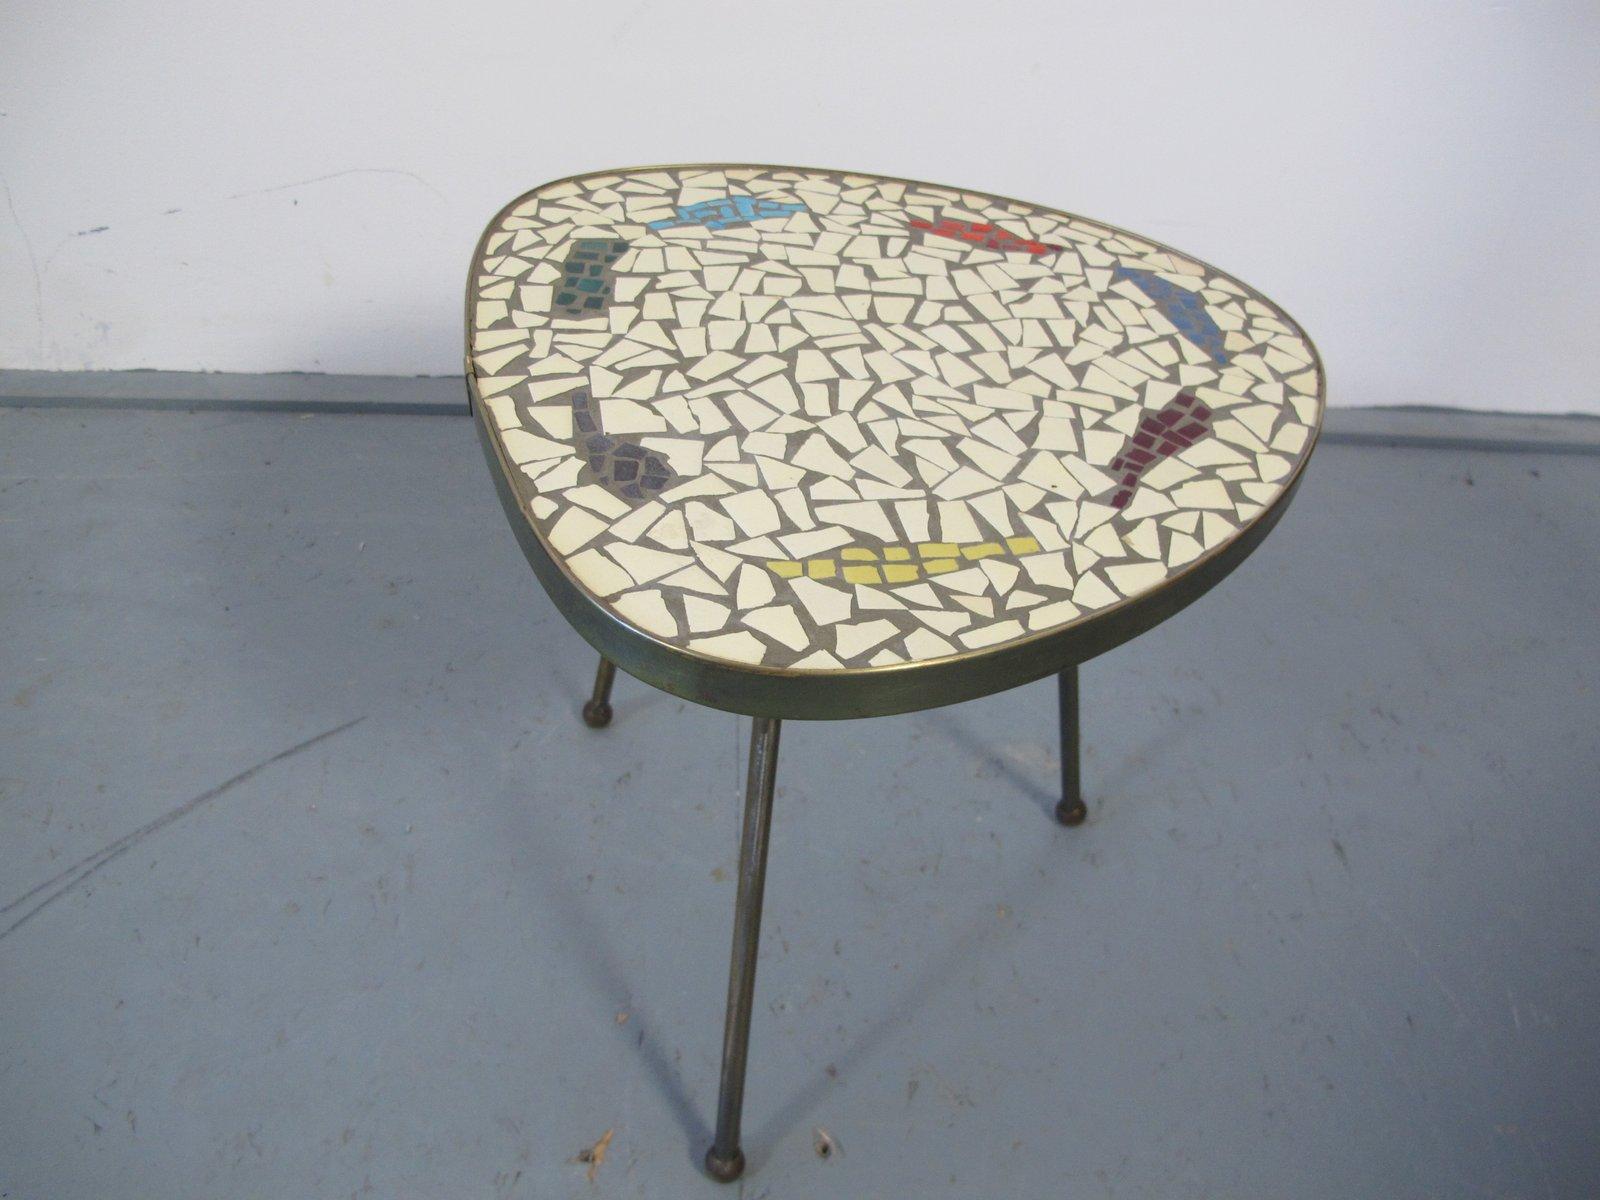 Vintage mosaik und messing beistelltisch 1950er bei for Beistelltisch 1950